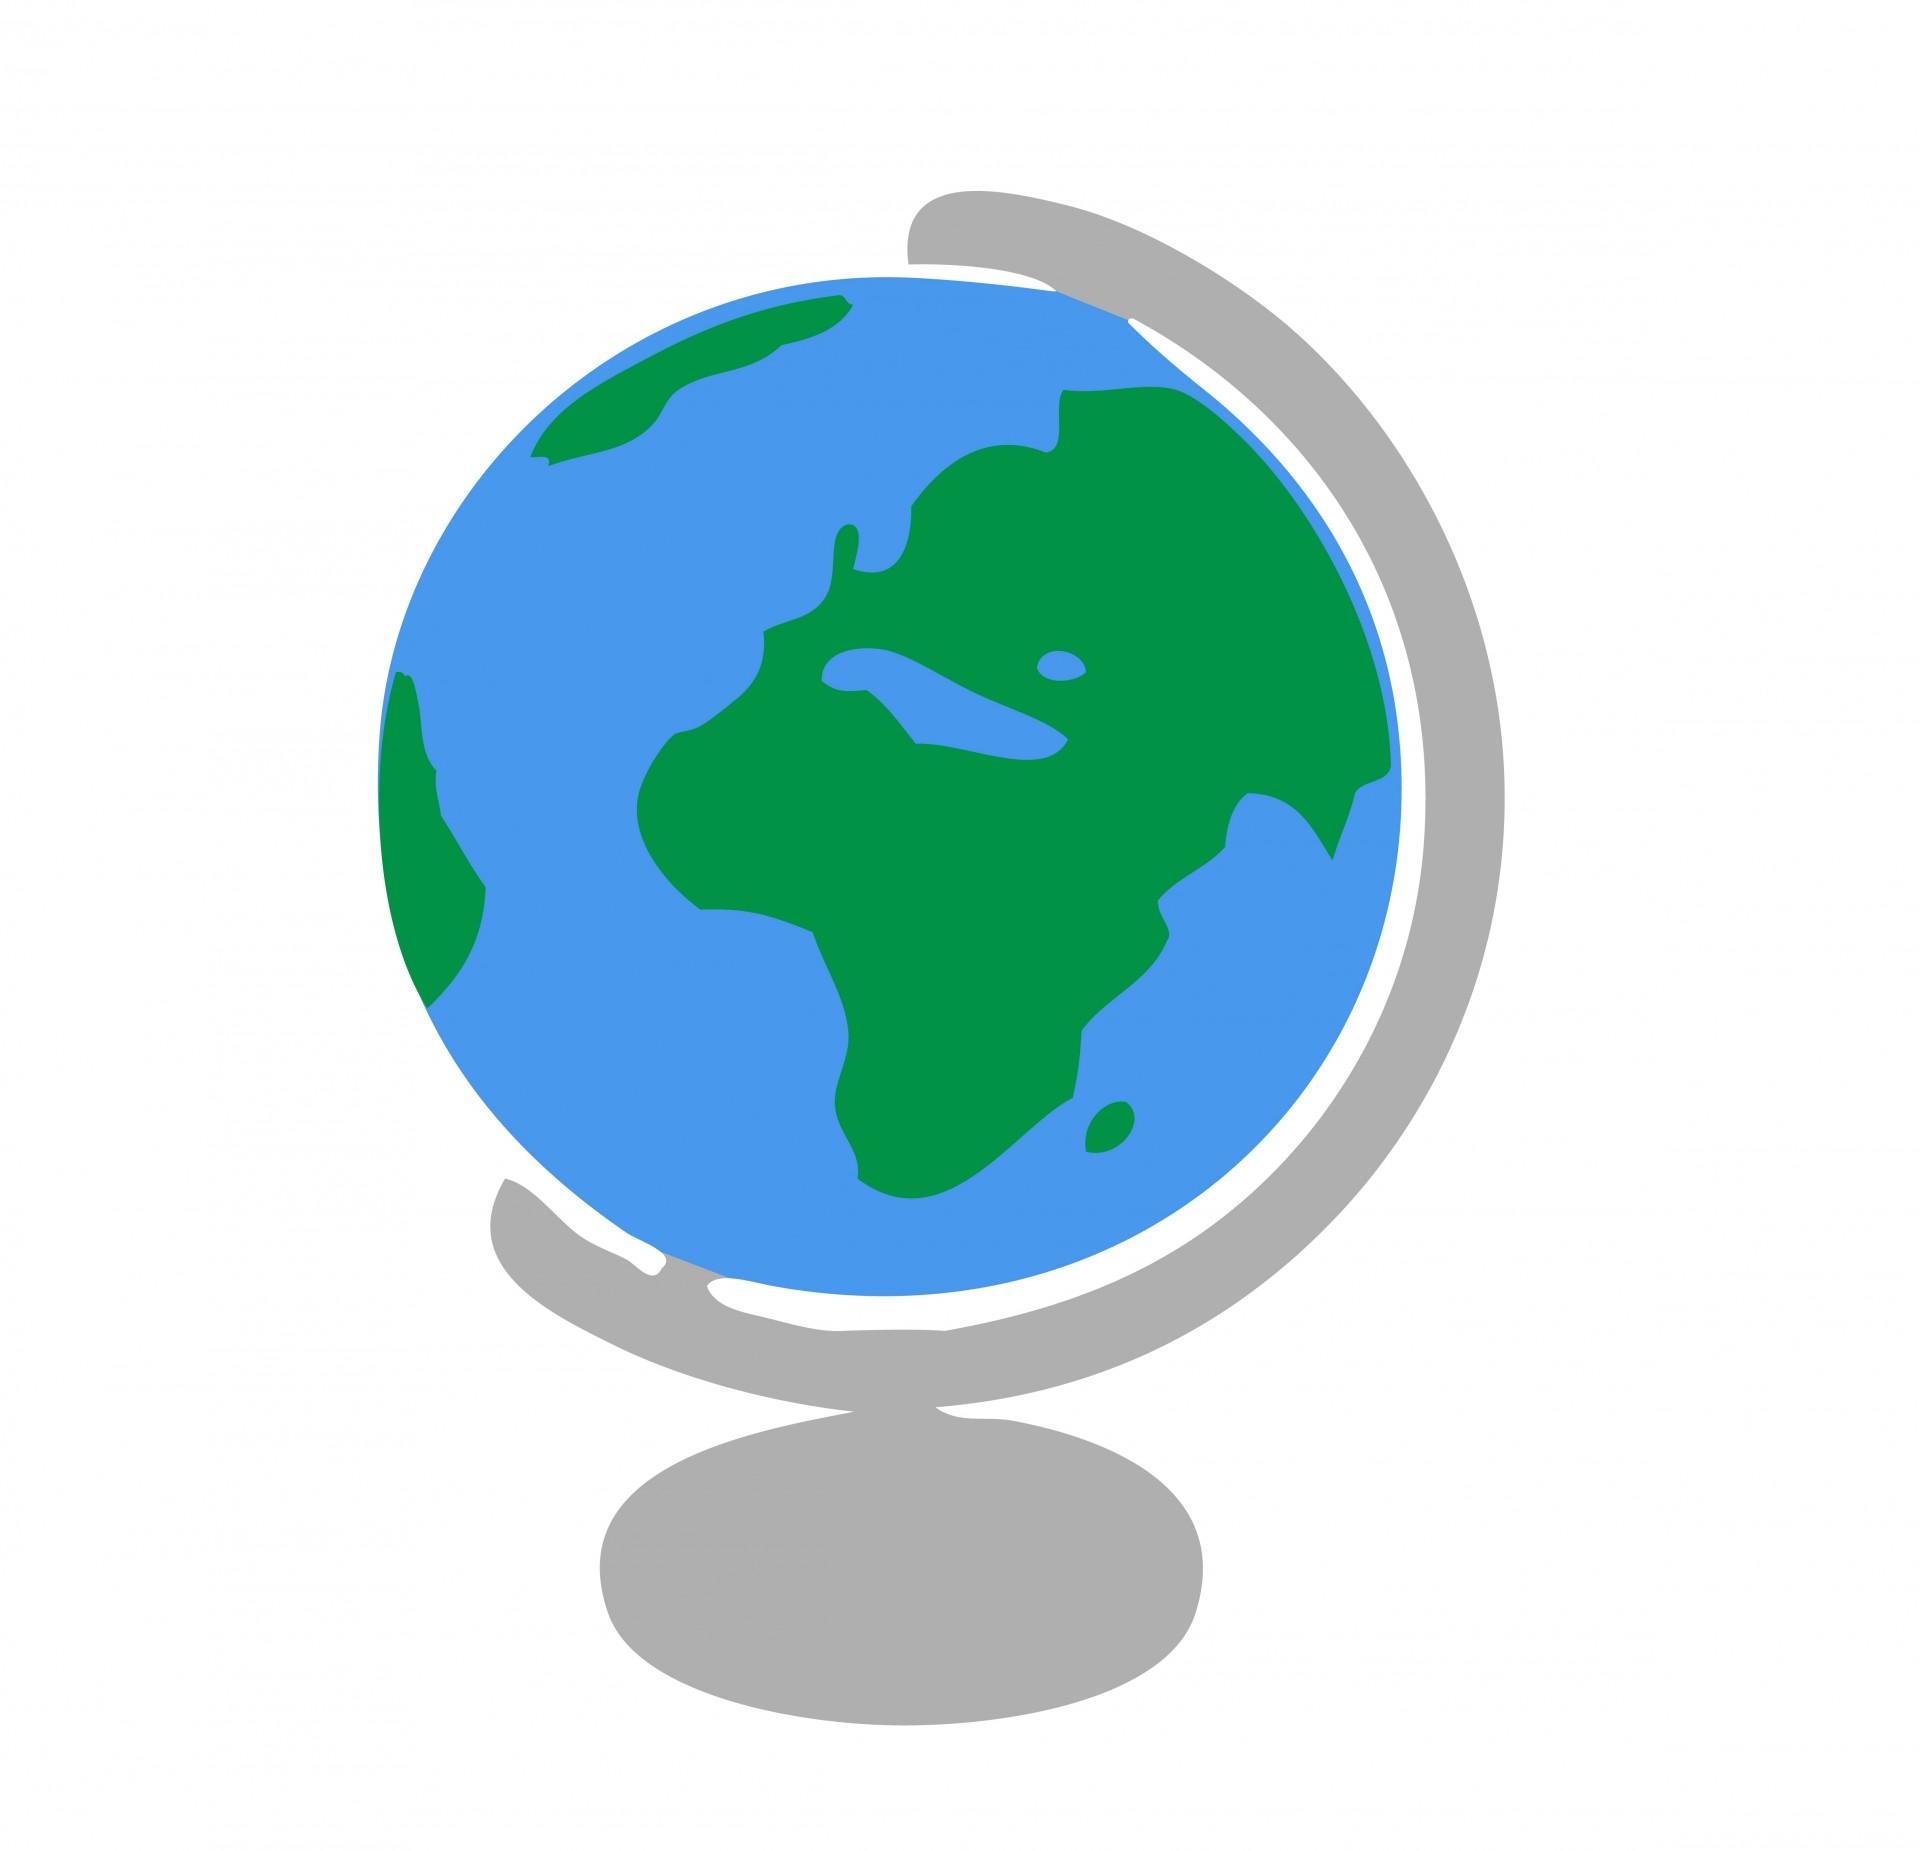 Geography clipart animated globe Photo images public Globe Globe